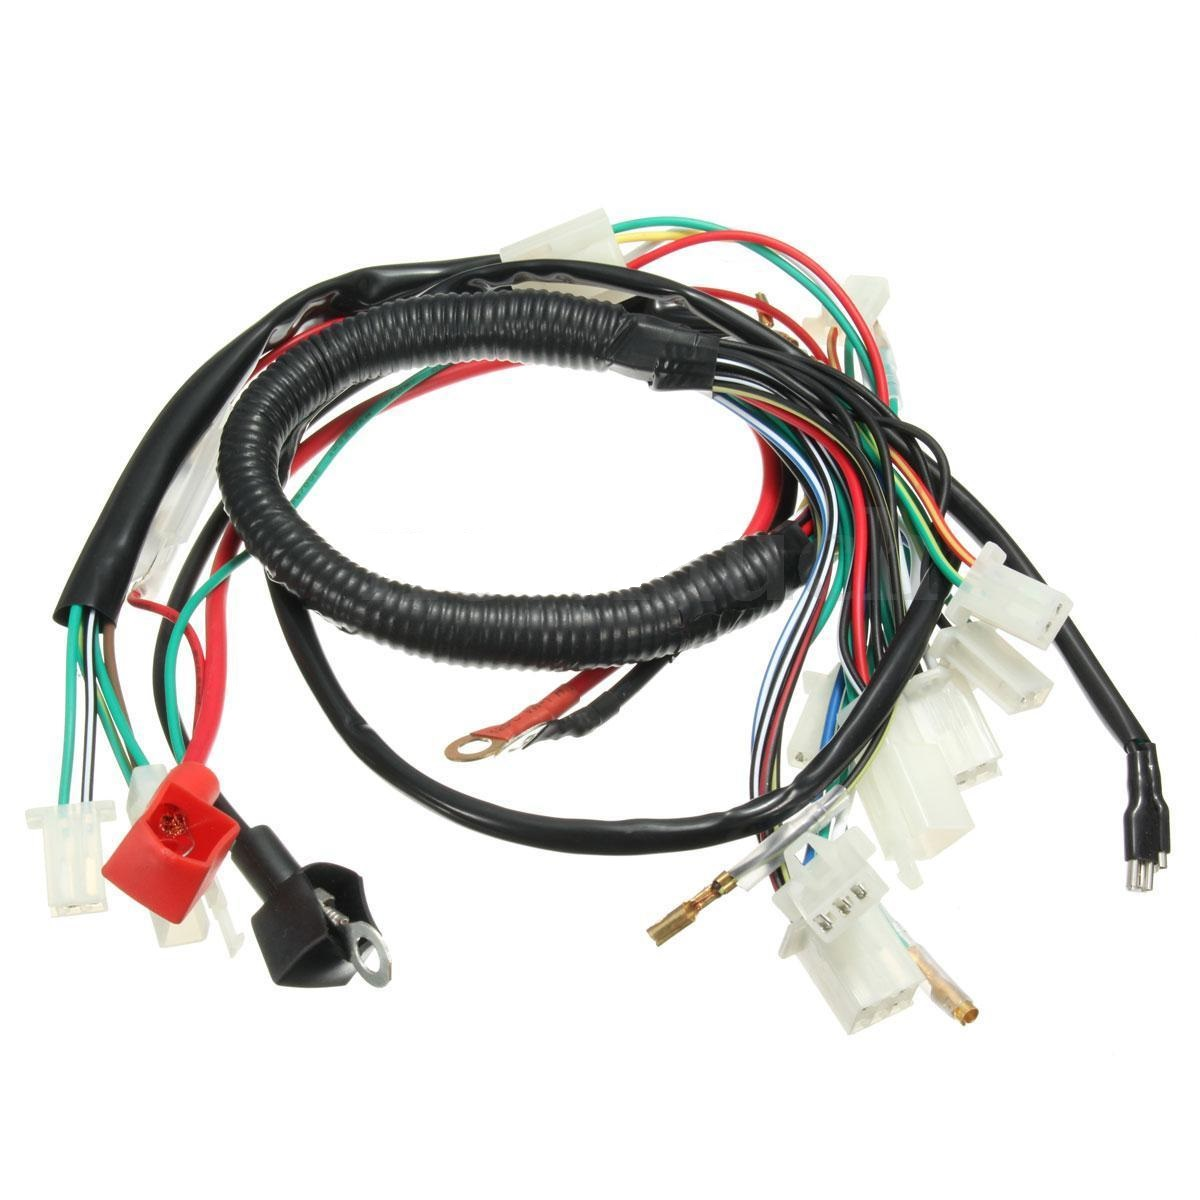 Buyang Atv 110 Wiring Diagram 000